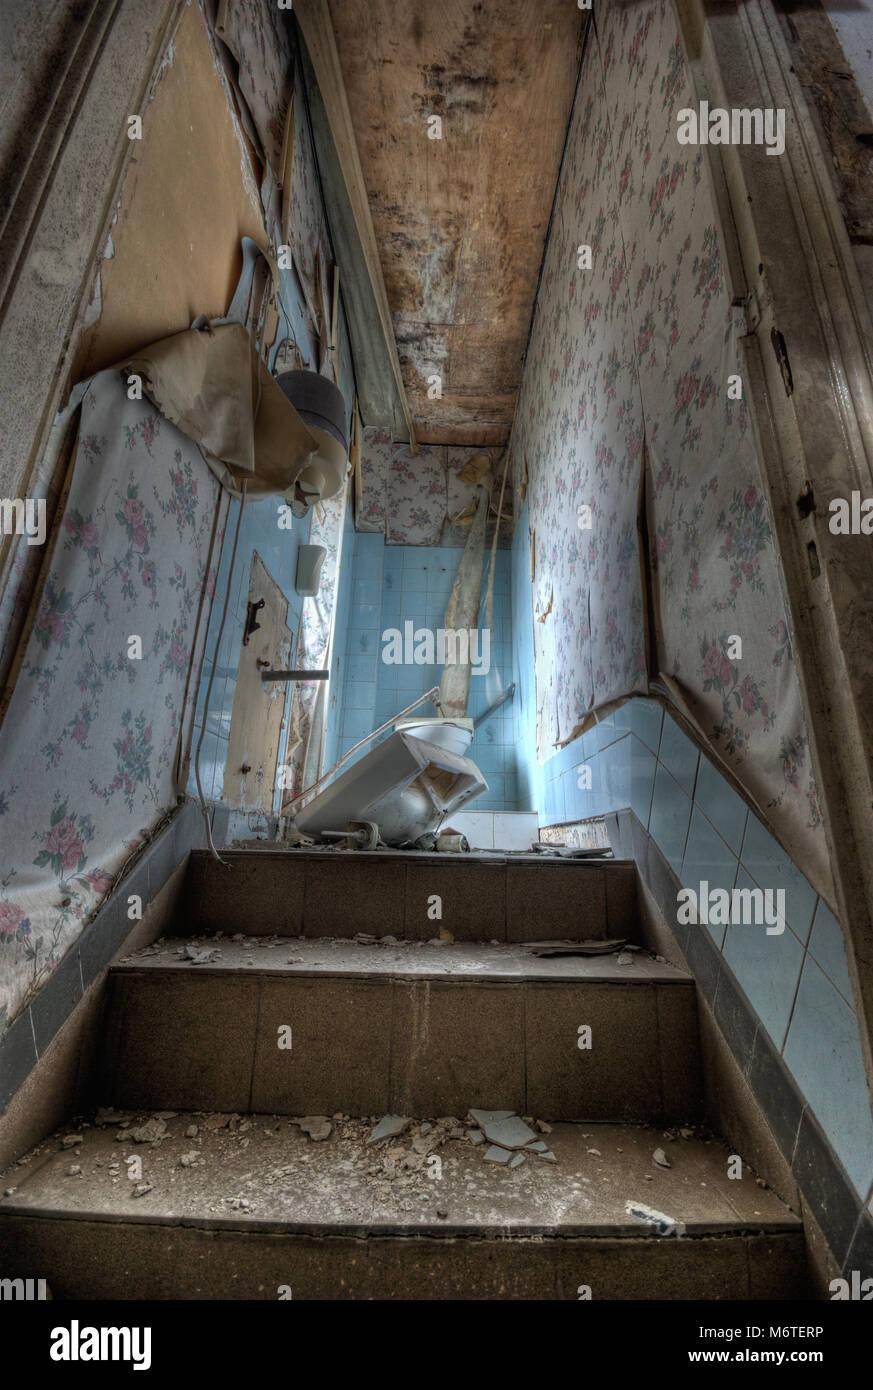 Ruiniert Bad in einem verlassenen Haus nach Wasserschaden ...